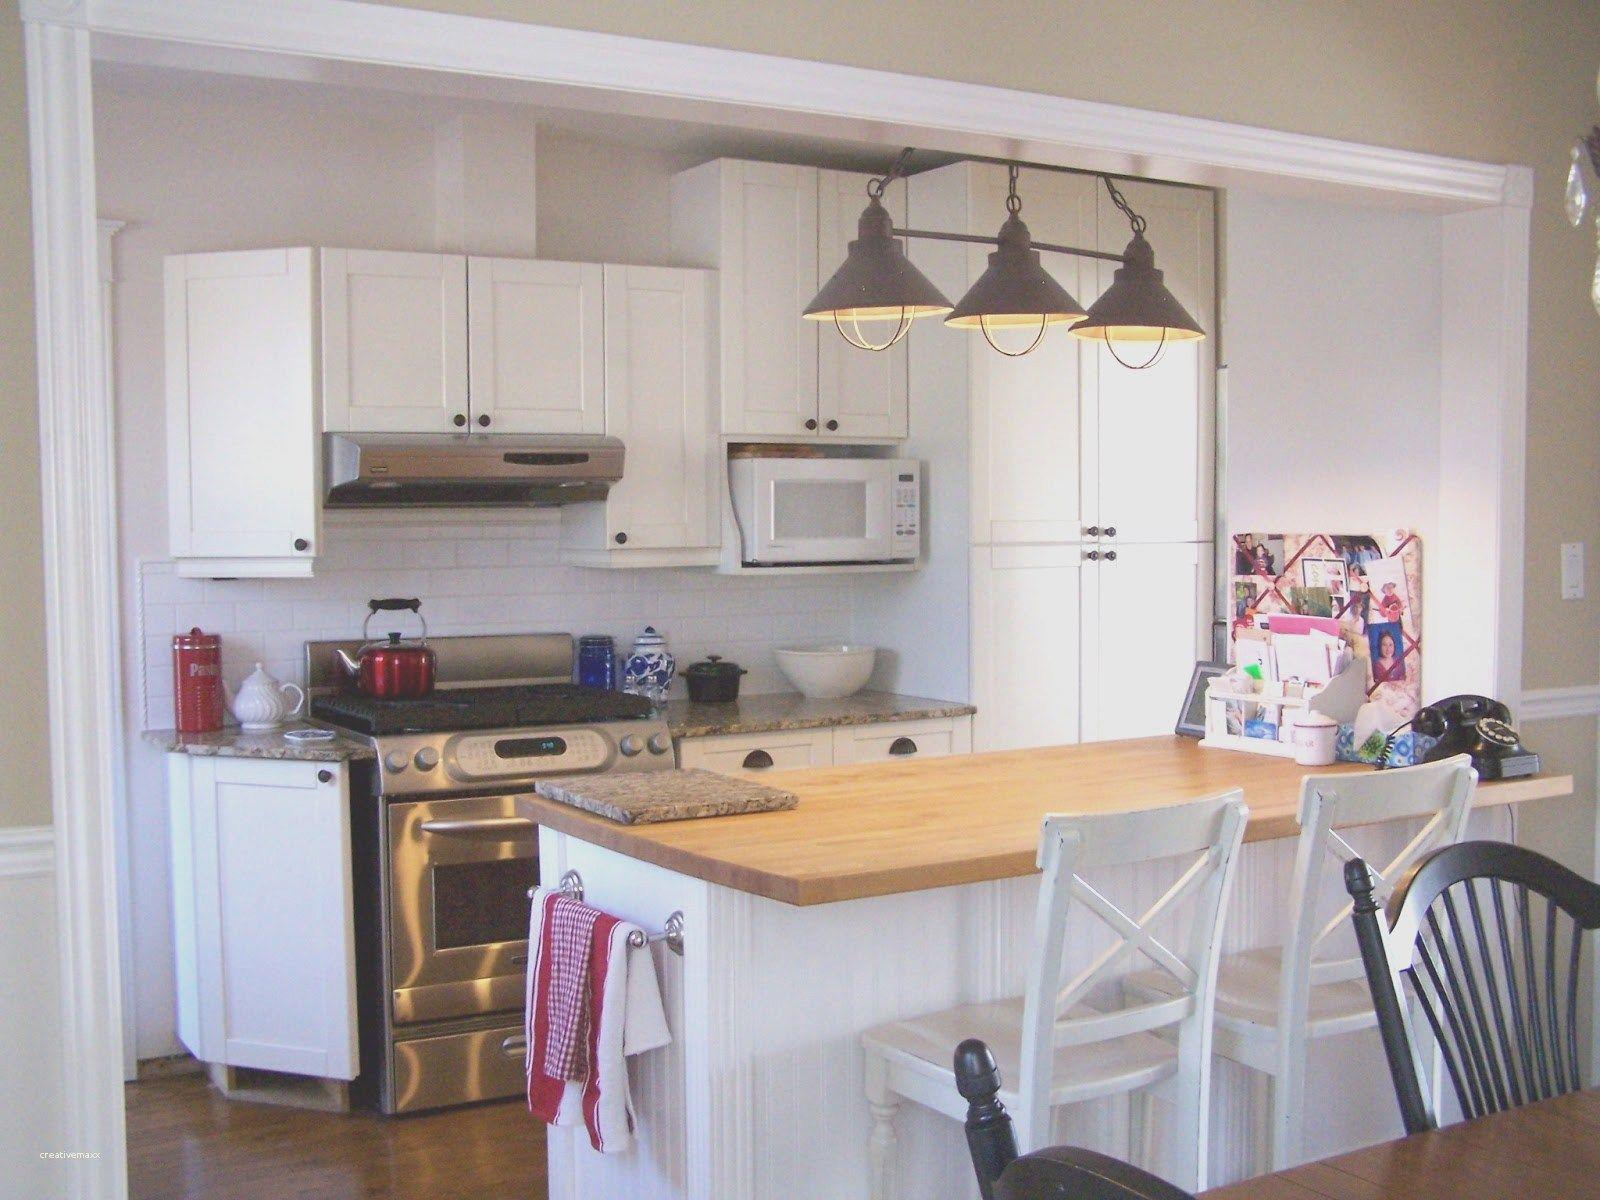 galley kitchen lighting ideas. Kitchen Lighting Ideas - Unique Ideas, Galley \u0026 From Hgtv